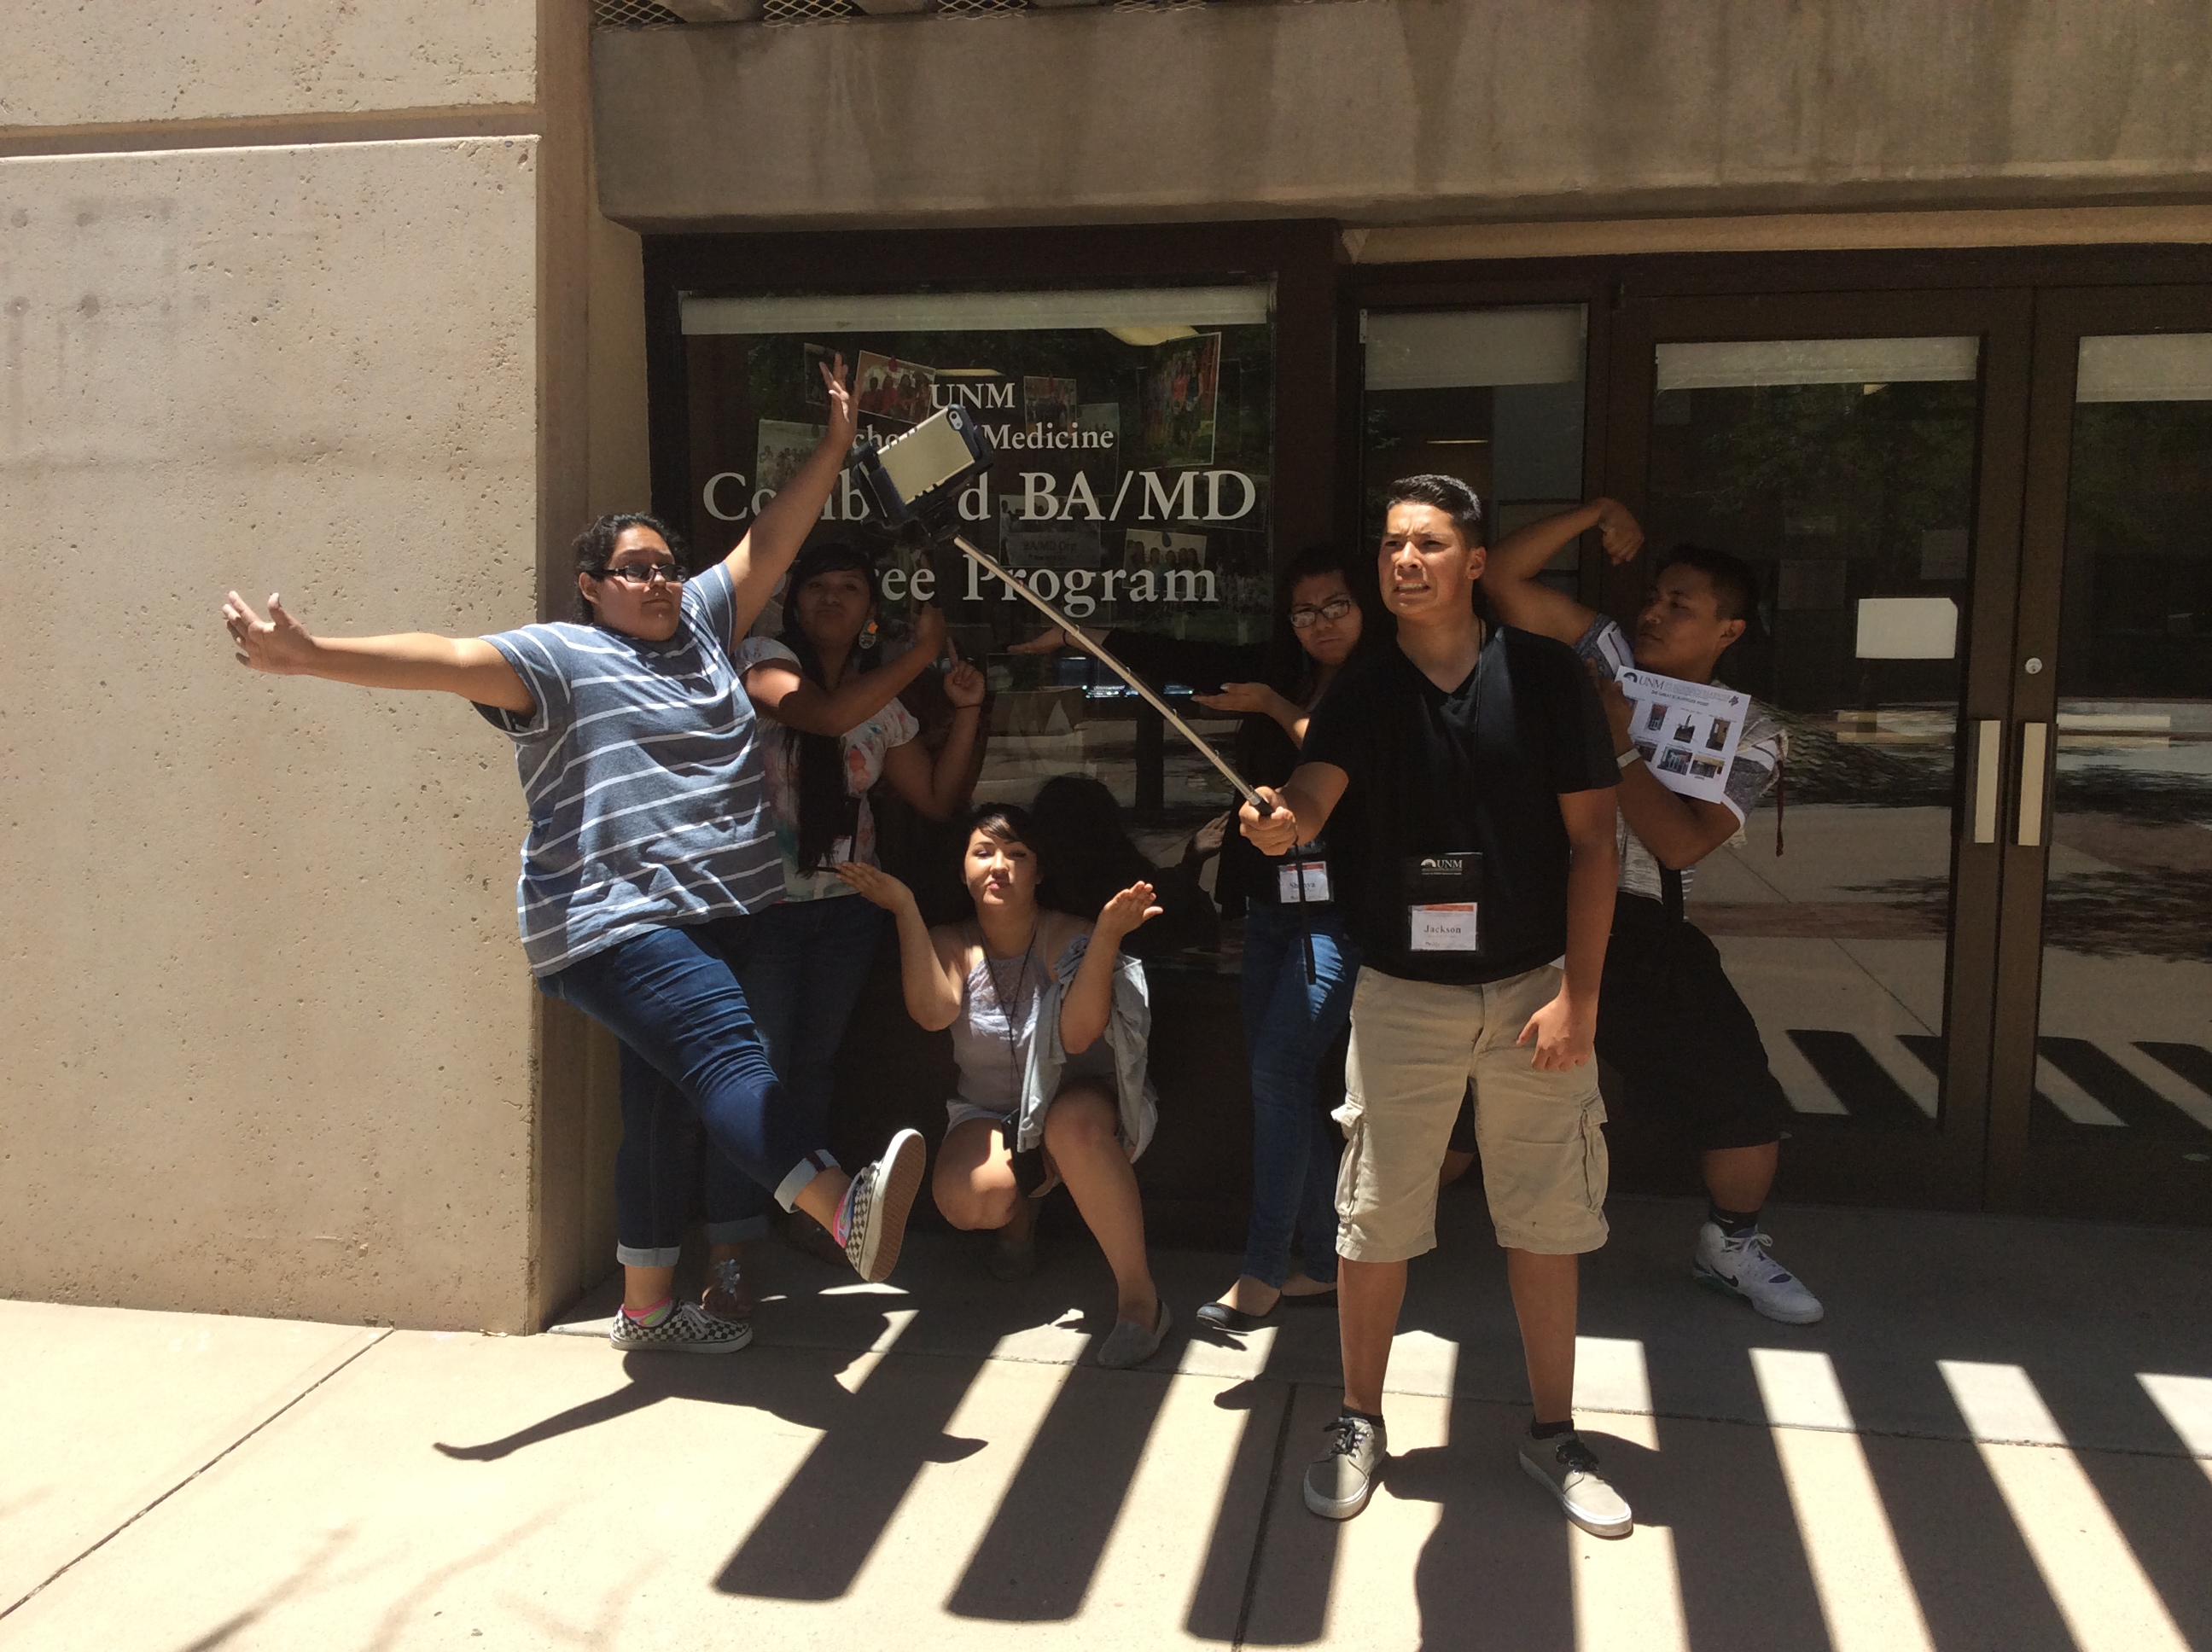 Étudiants posant avec selfie-cam devant les portes du bureau.